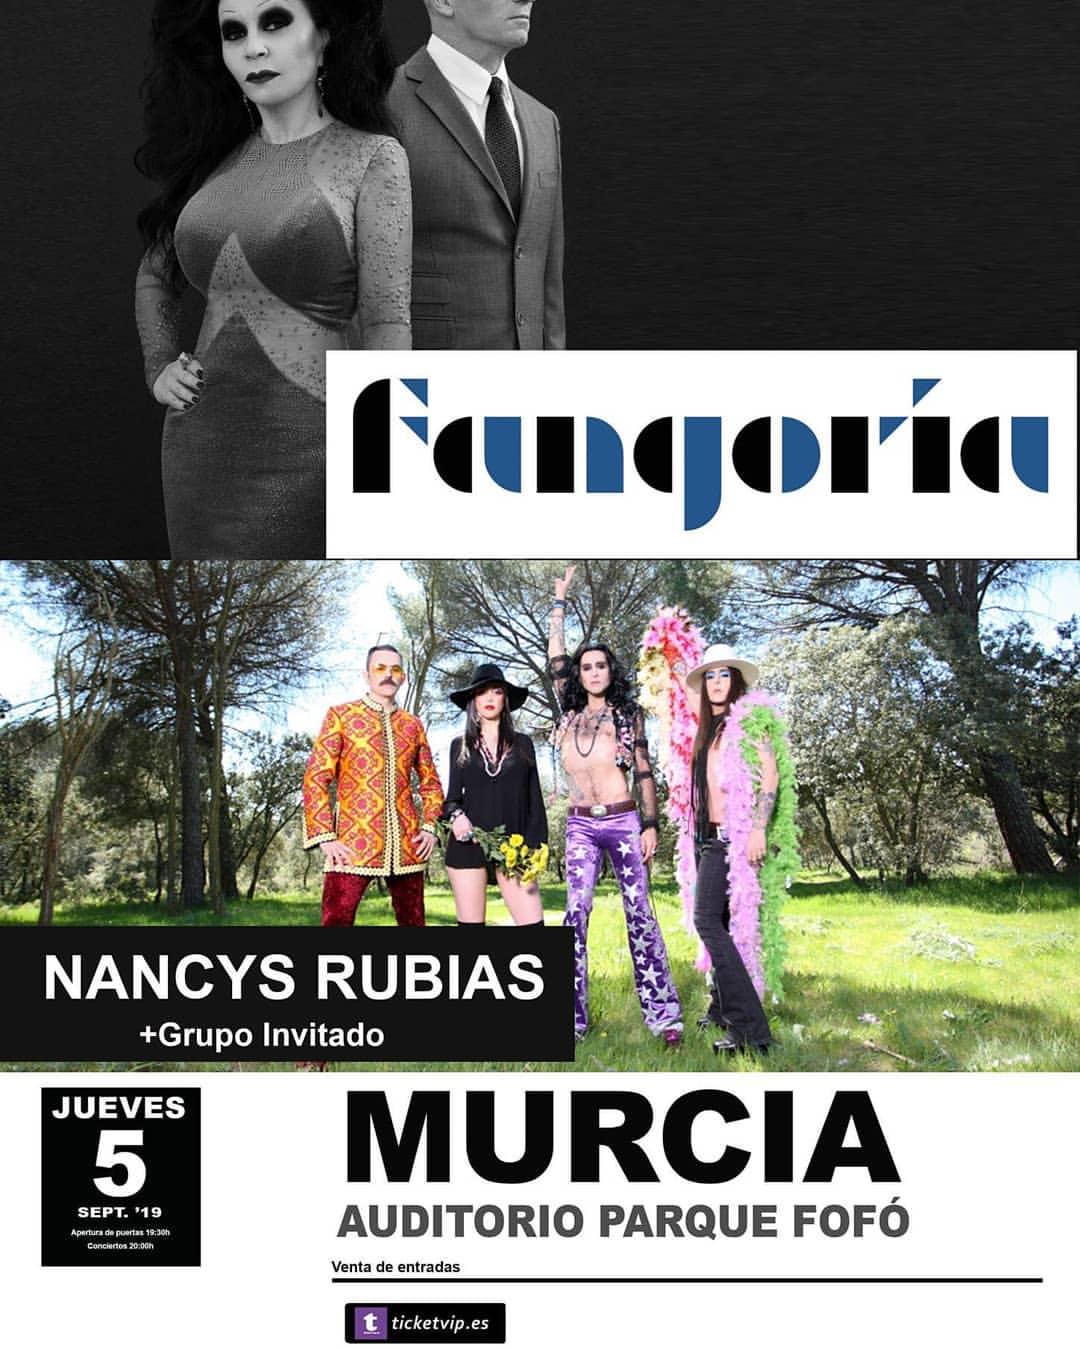 Fangoria + Nancys Rubias